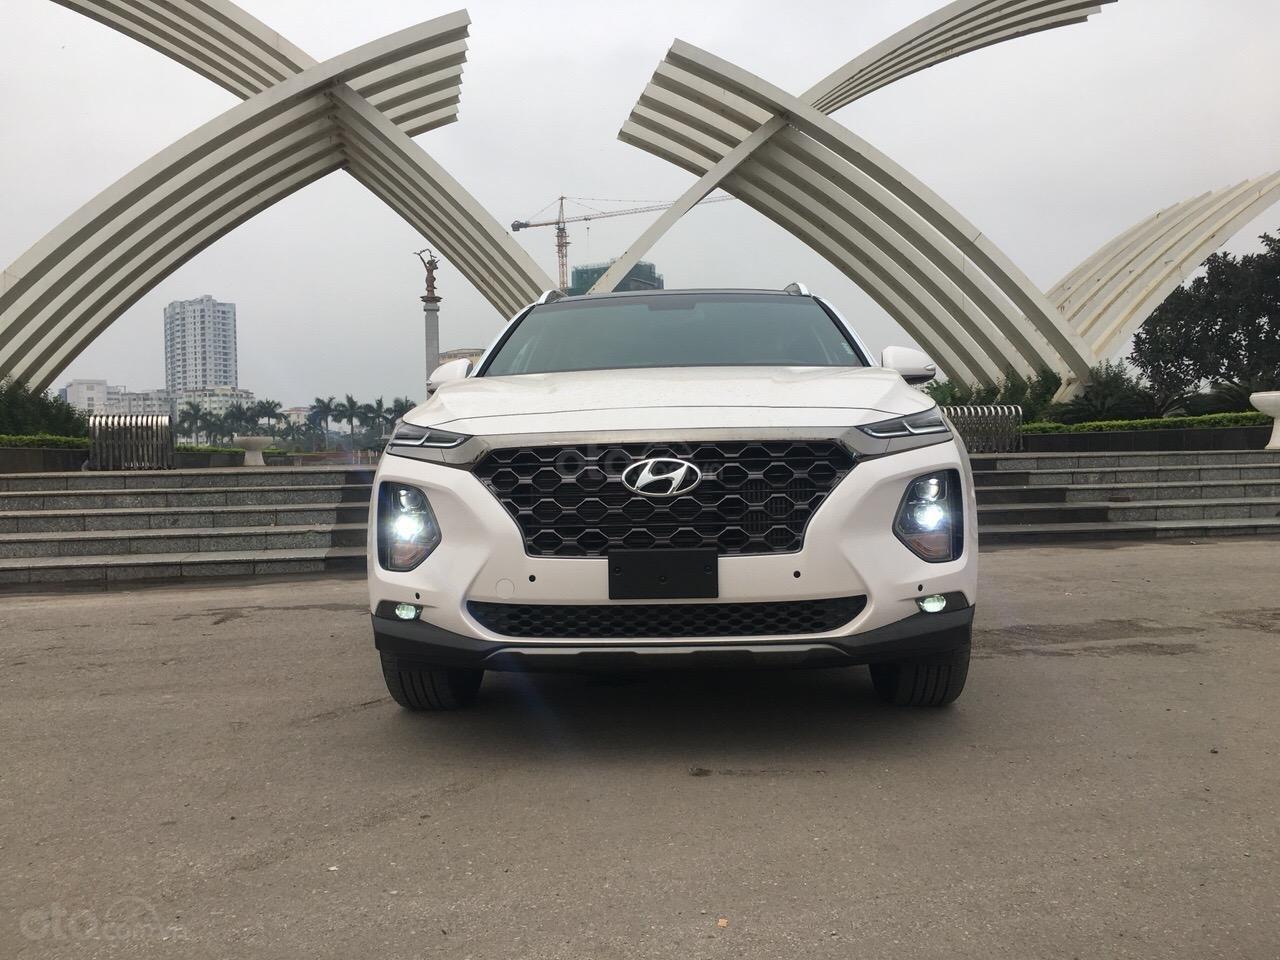 Bán Hyundai Santa Fe 2019 Premium, giá cực tốt cùng nhiều phần quà tặng hấp dẫn, sẵn xe giao ngay-0